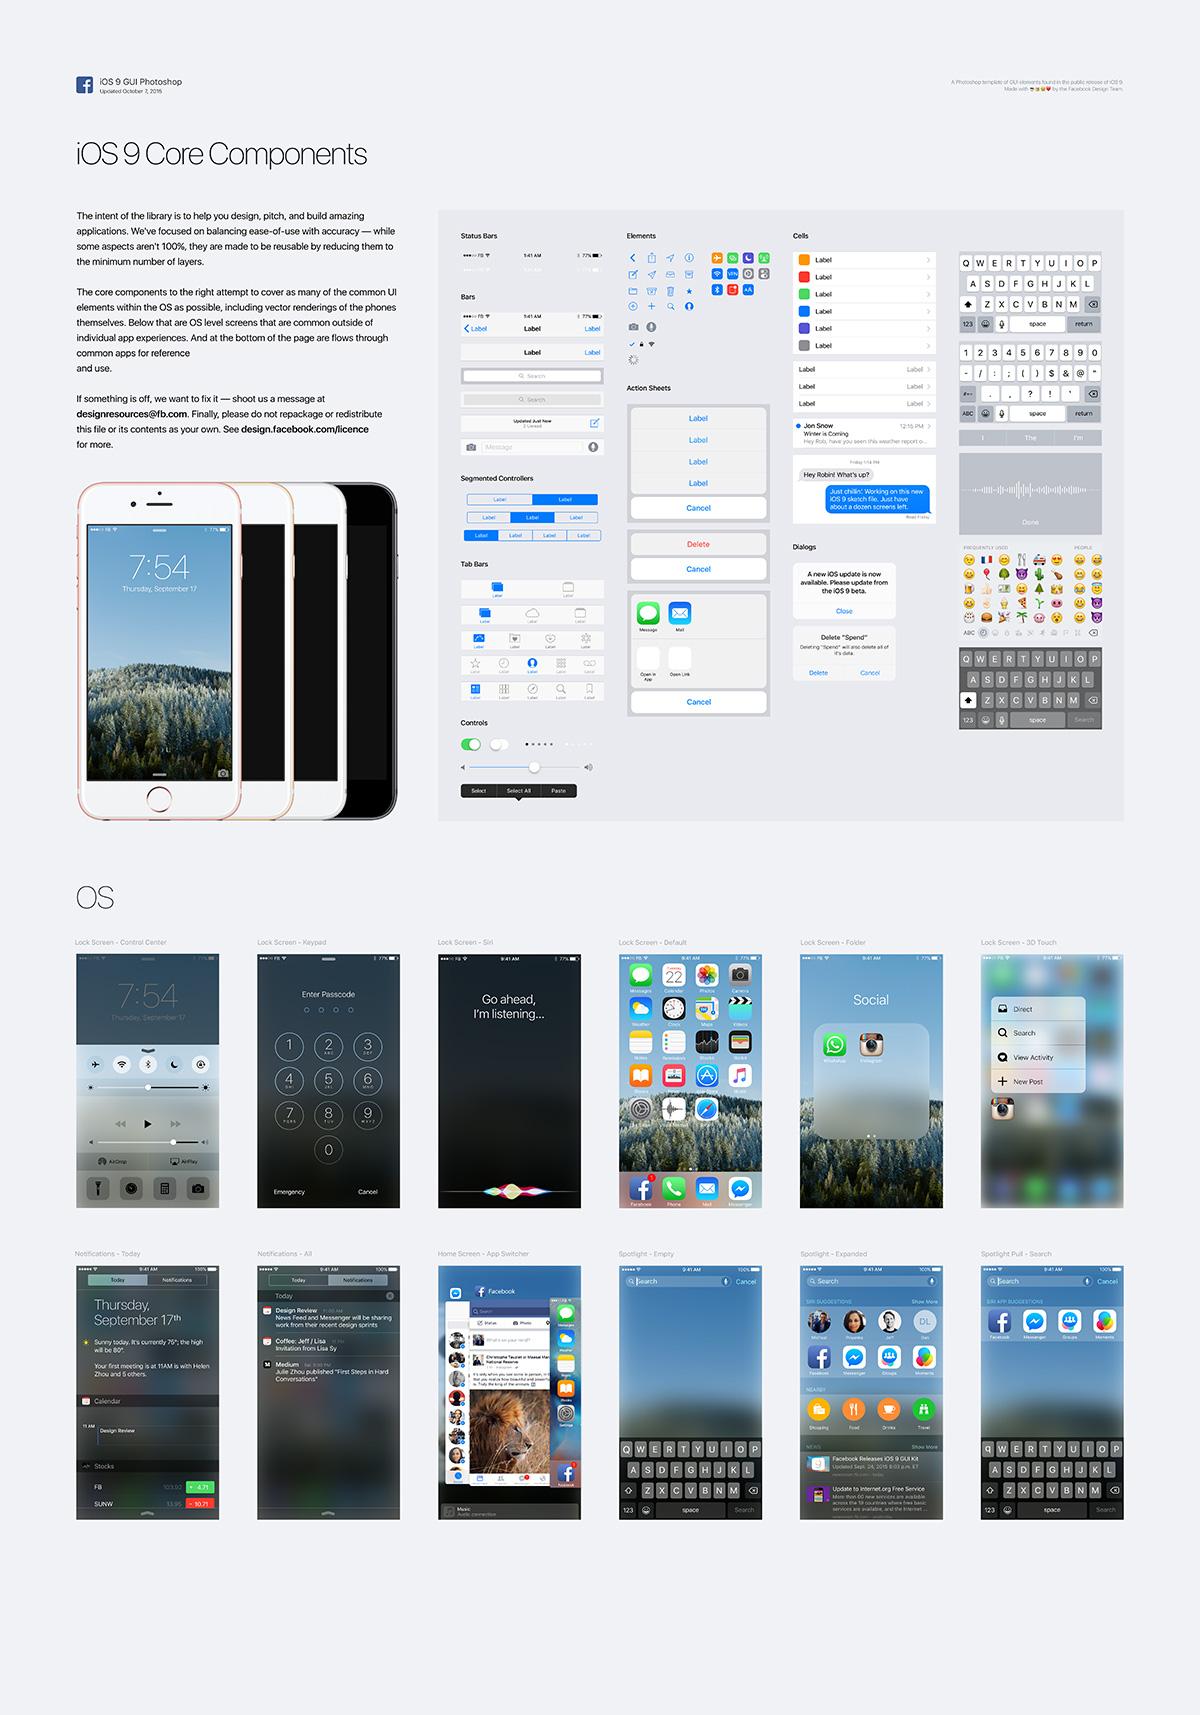 Facebook-iOS-9-Part-1